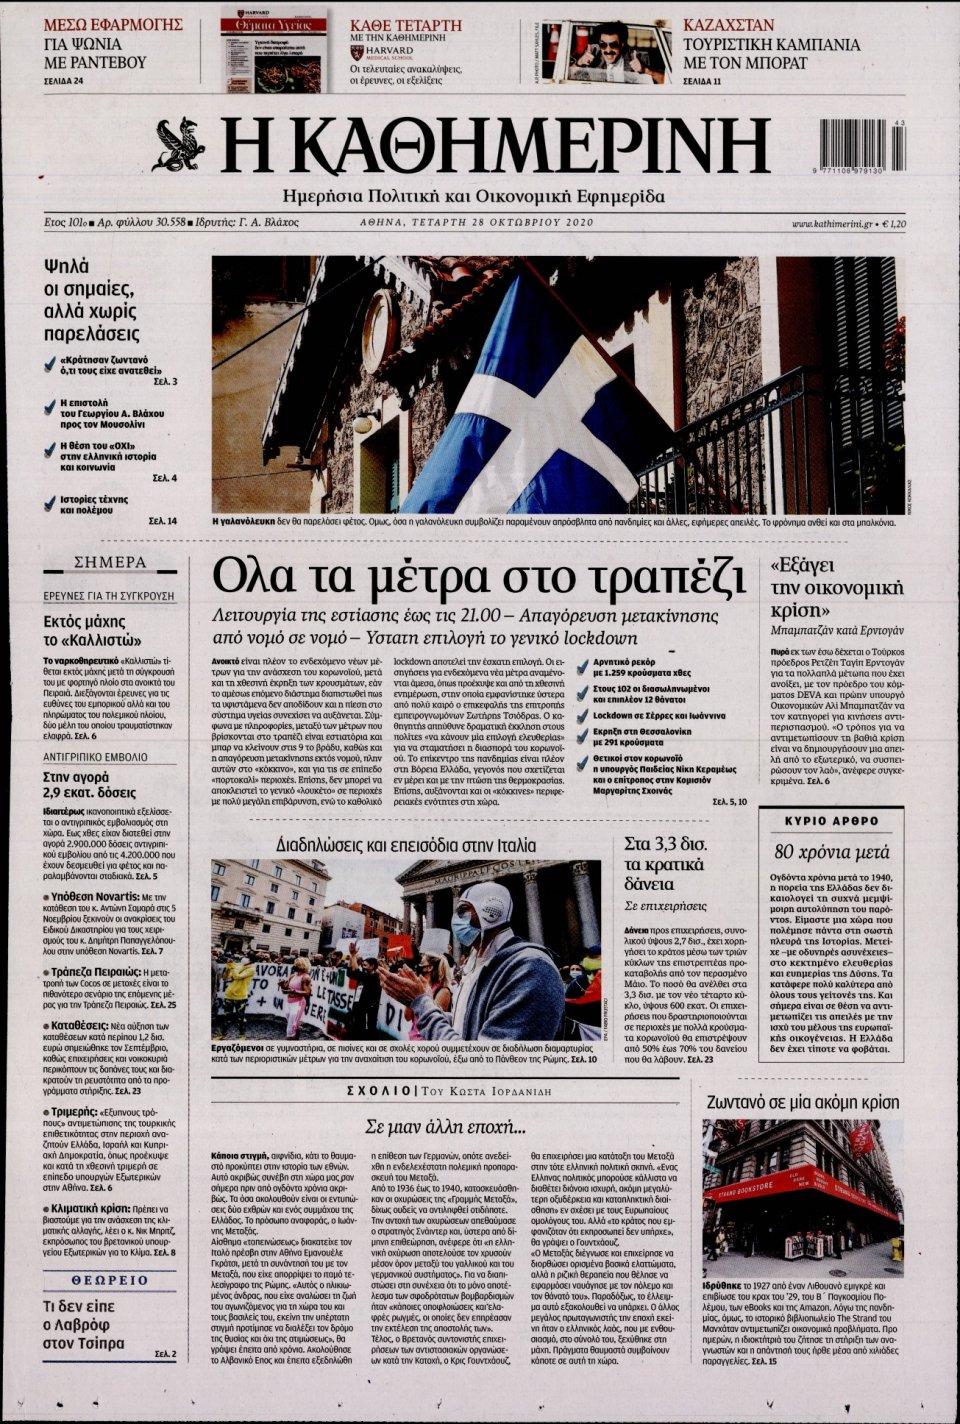 Πρωτοσέλιδο Εφημερίδας - Καθημερινή - 2020-10-28